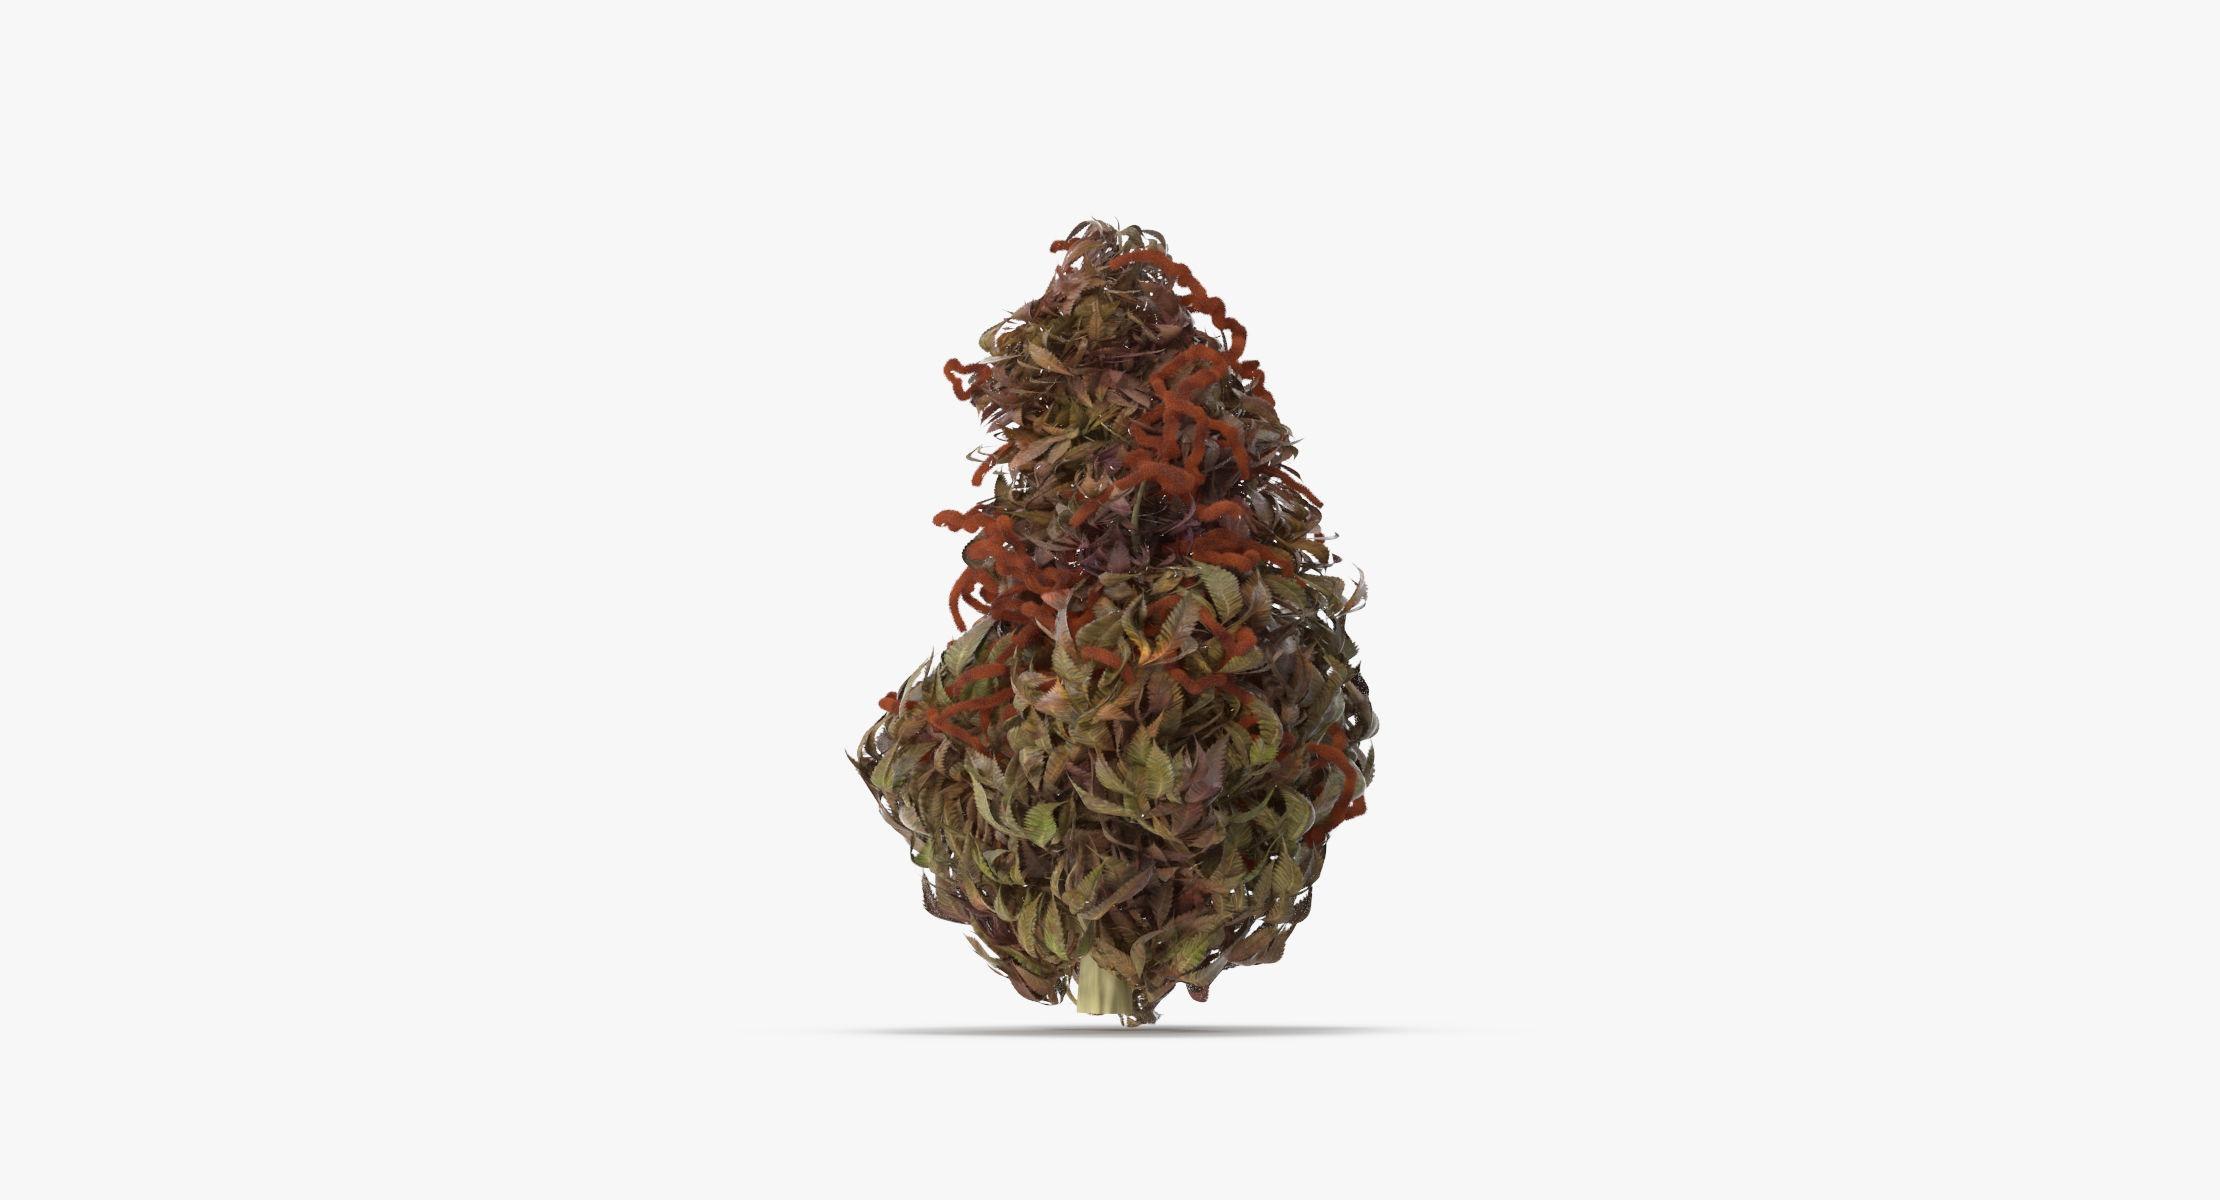 Marijuana Bud 02 03 - reel 1